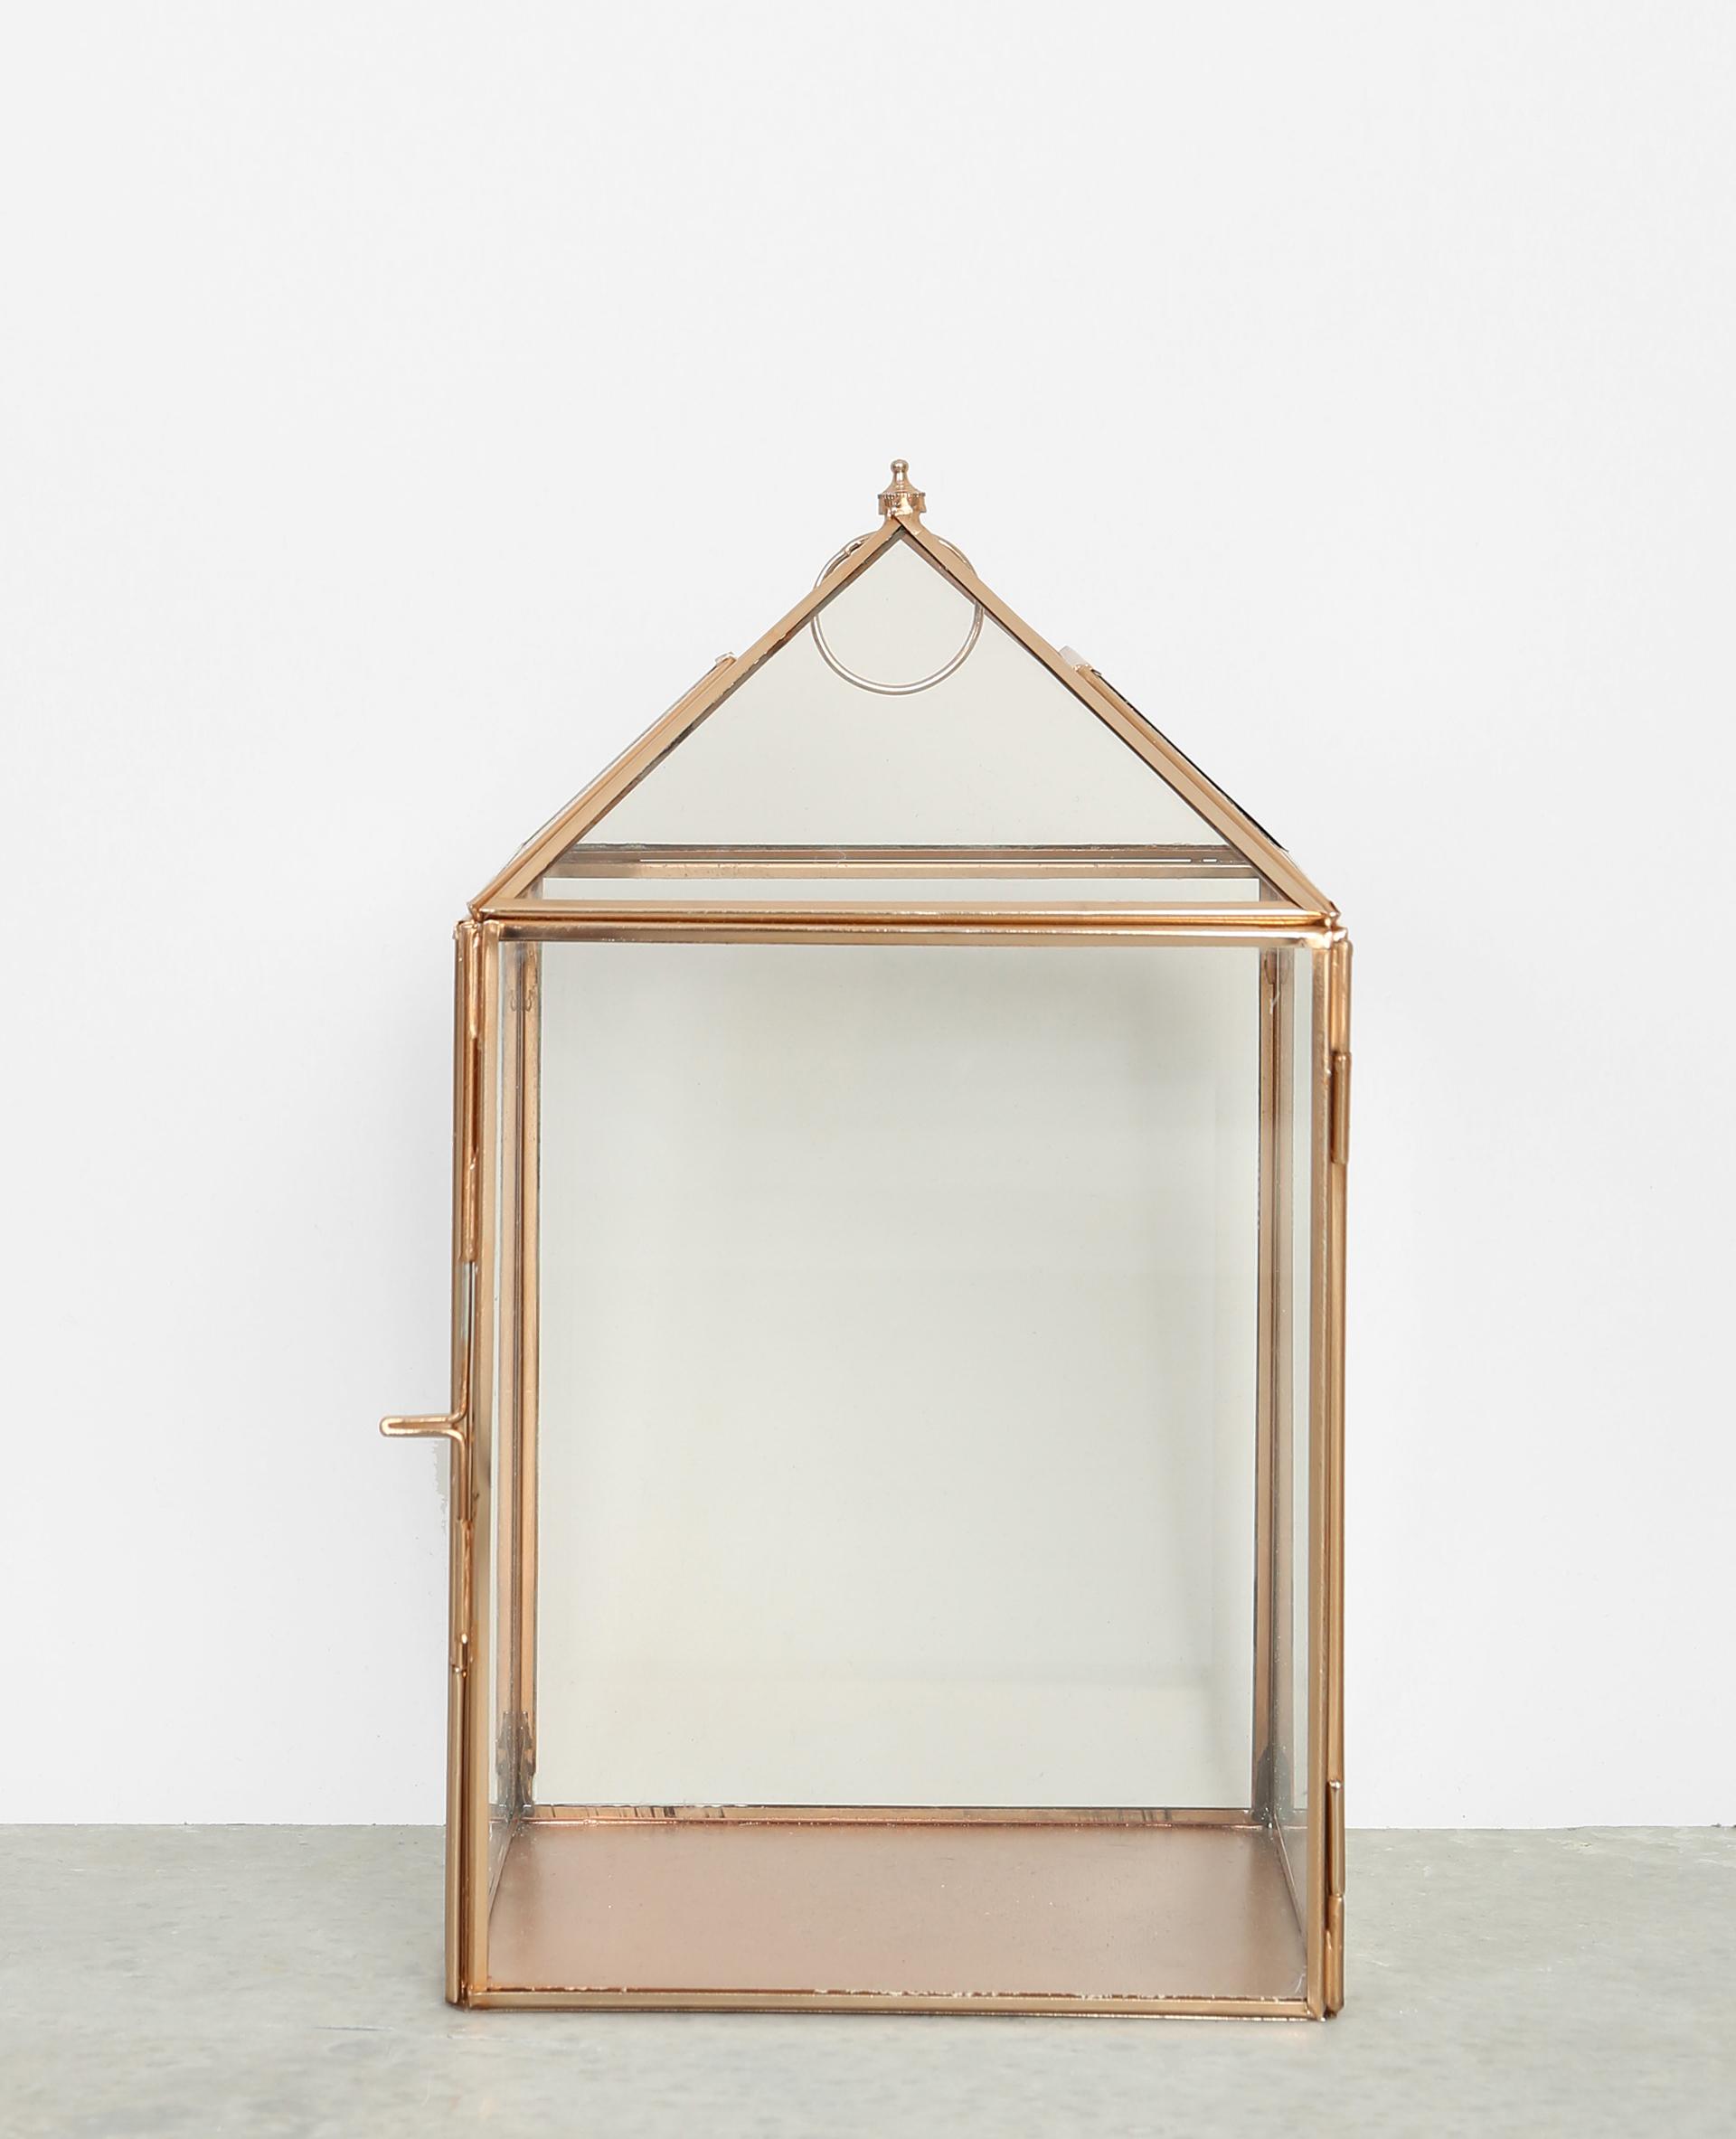 photophore verre et m tal dor 902848g06a0g pimkie. Black Bedroom Furniture Sets. Home Design Ideas